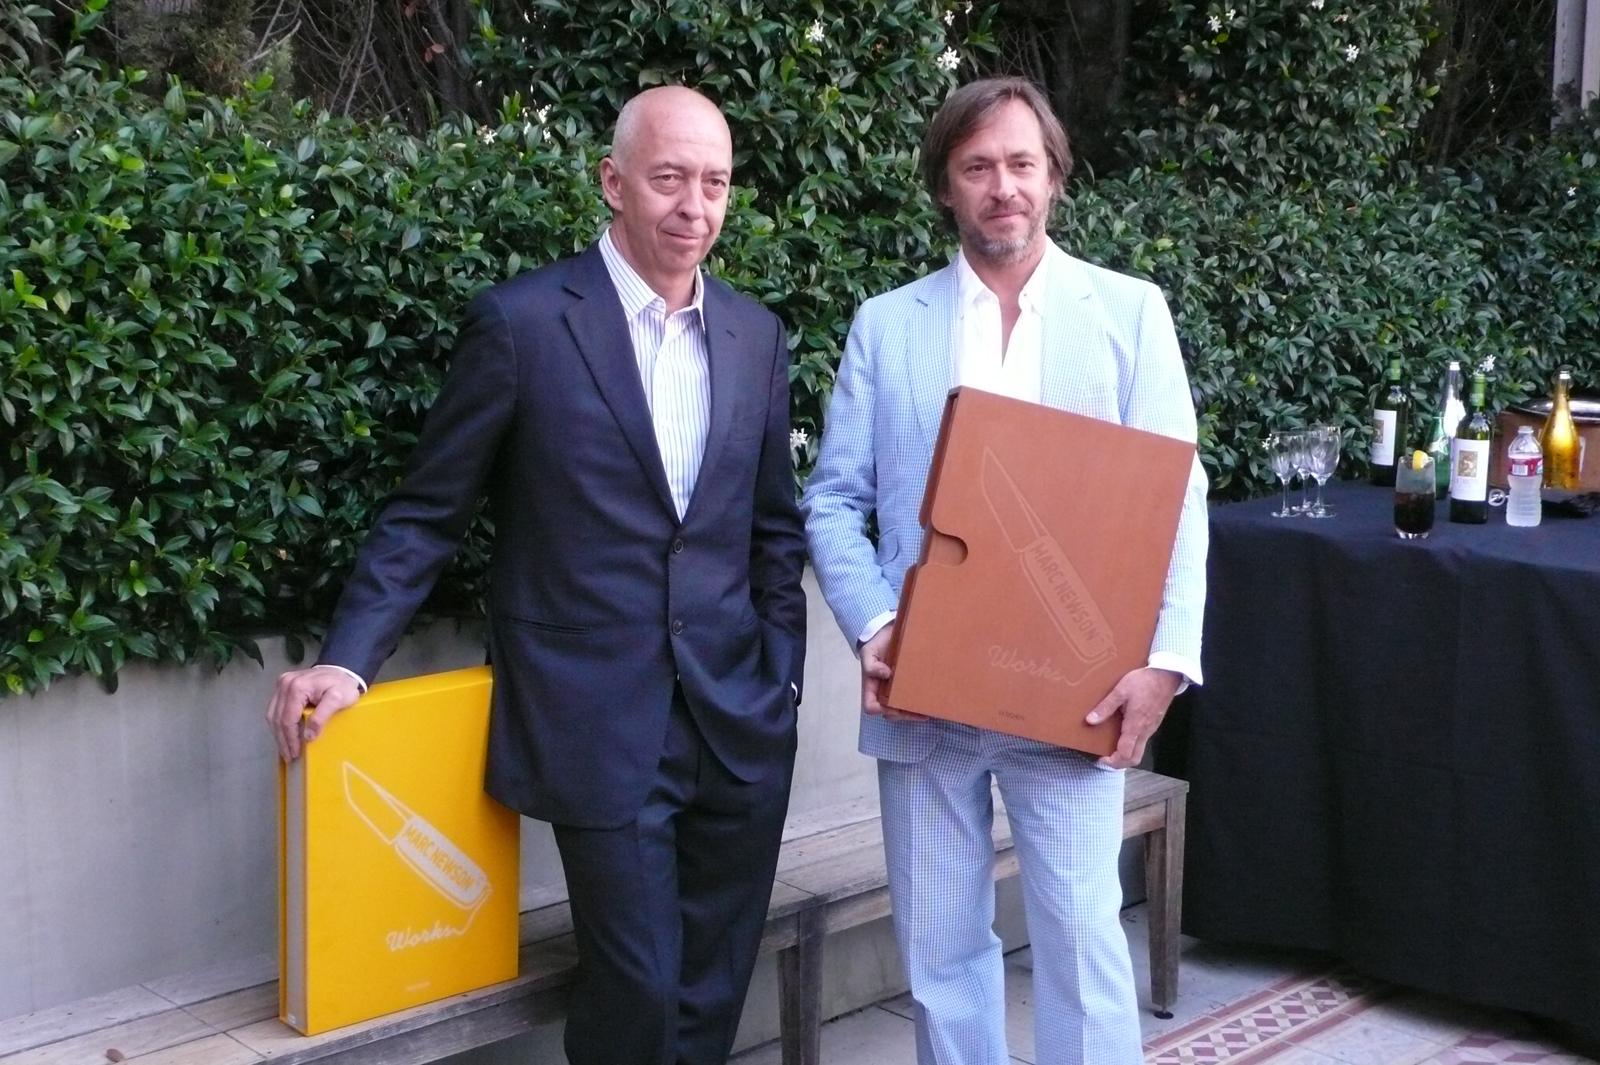 Benedikt Taschen and Marc Newson